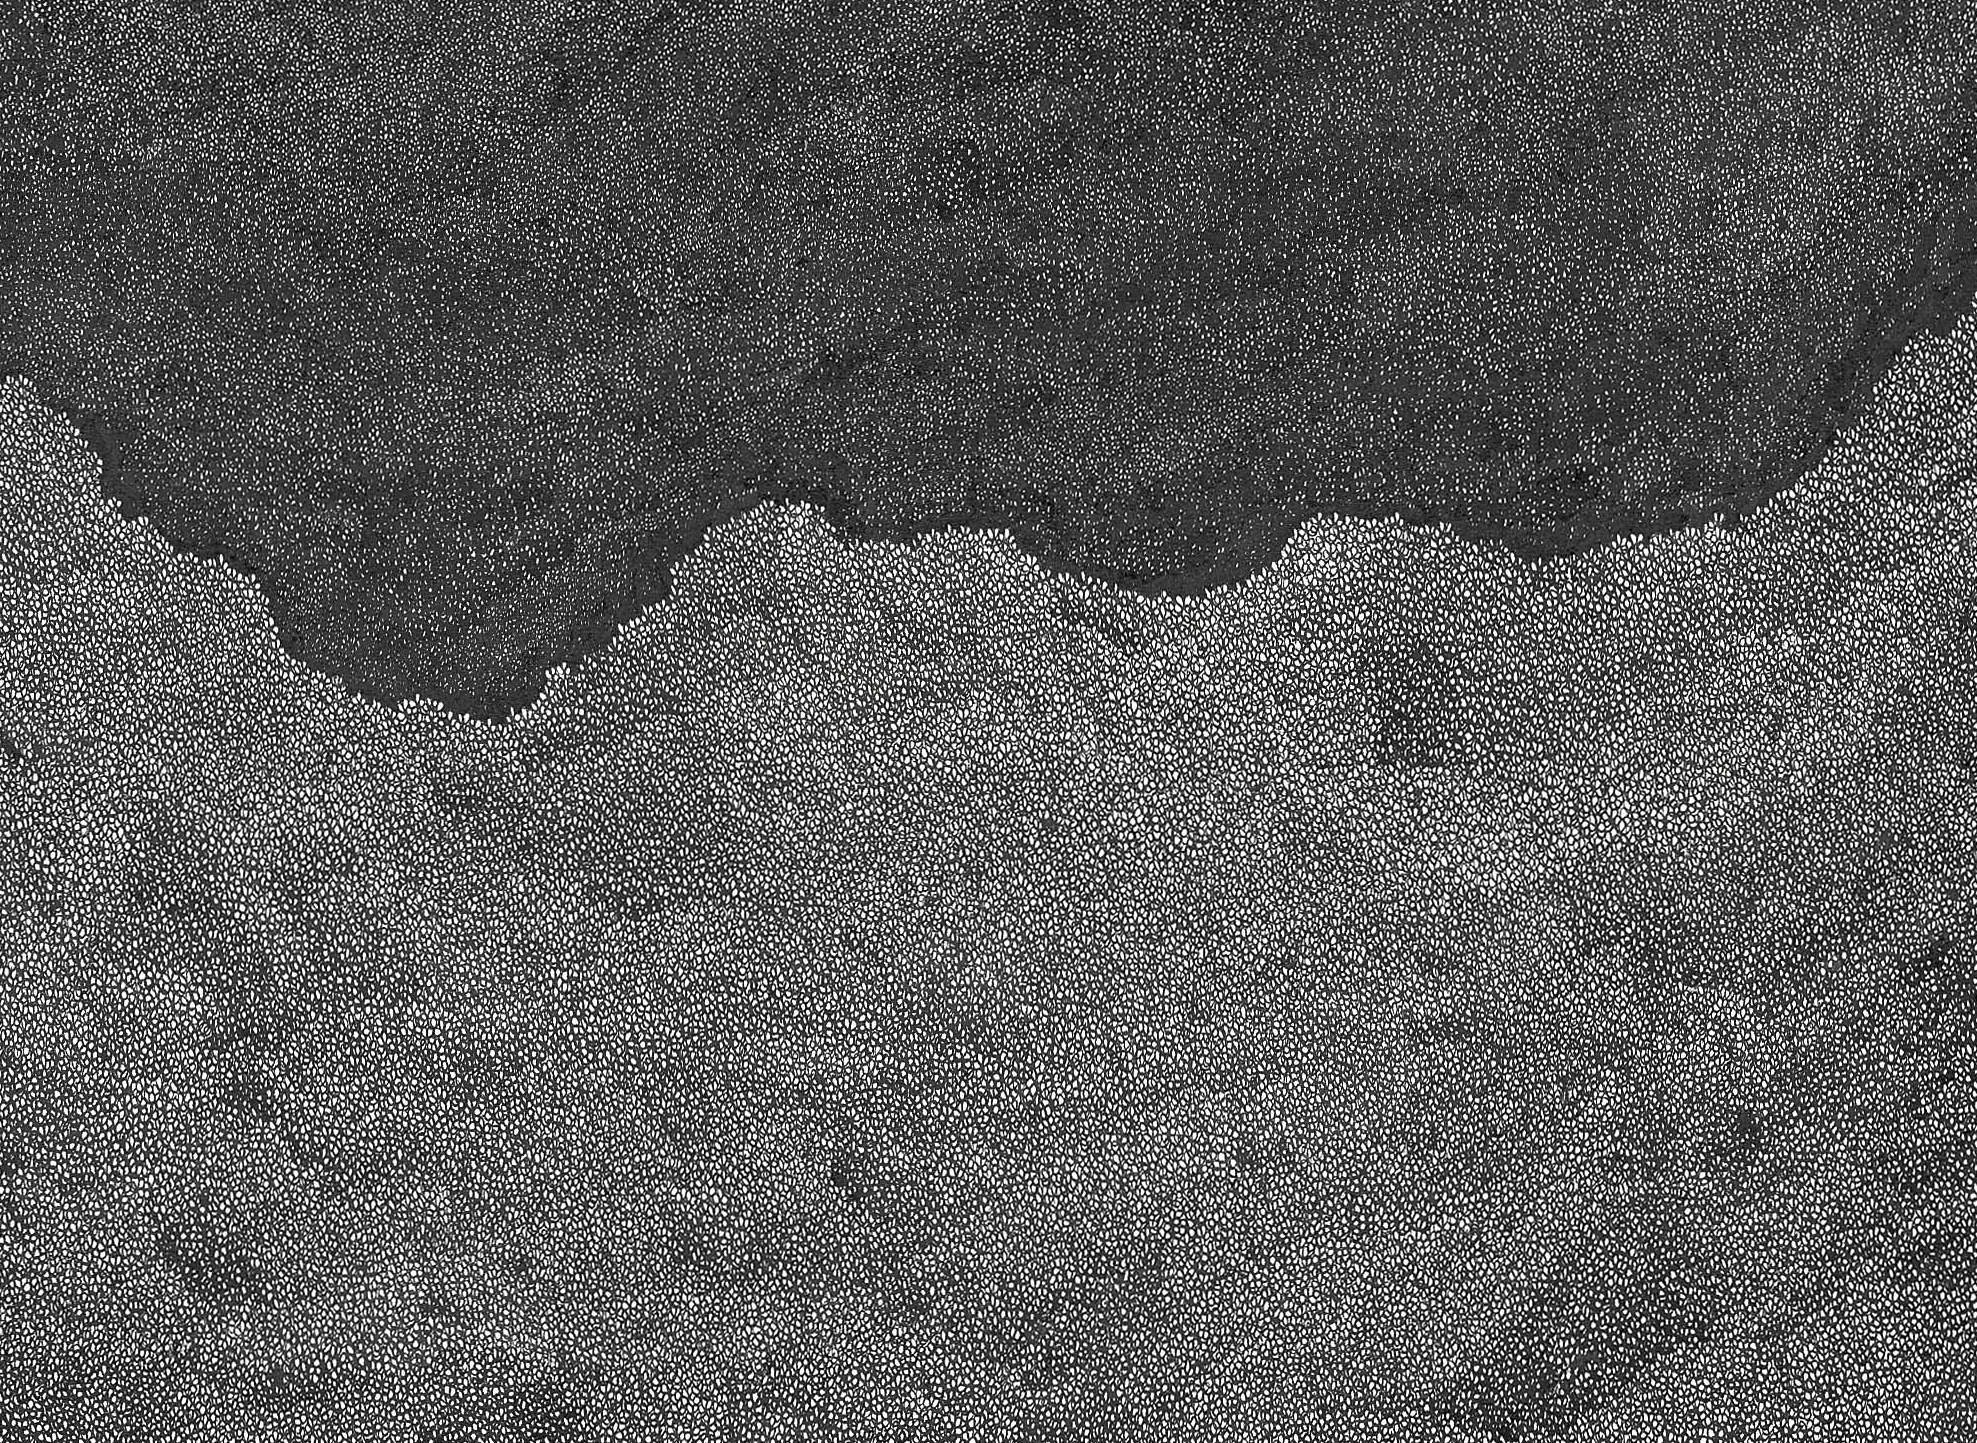 cutout 5.jpeg